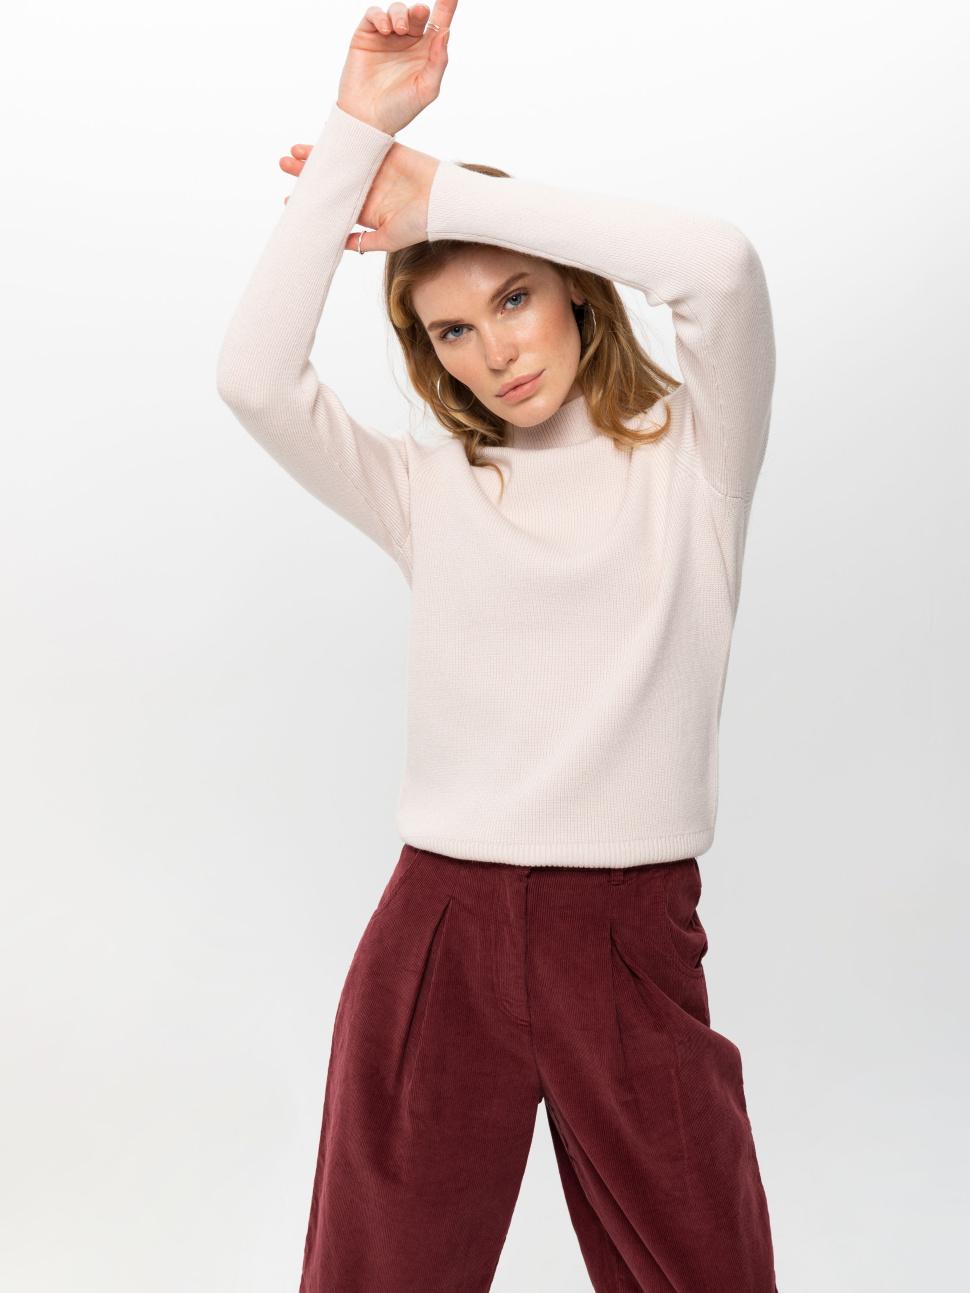 Джемпер женский цвет: кремовый/светлый беж, артикул: 0810010615 - купить в интернет-магазине sela